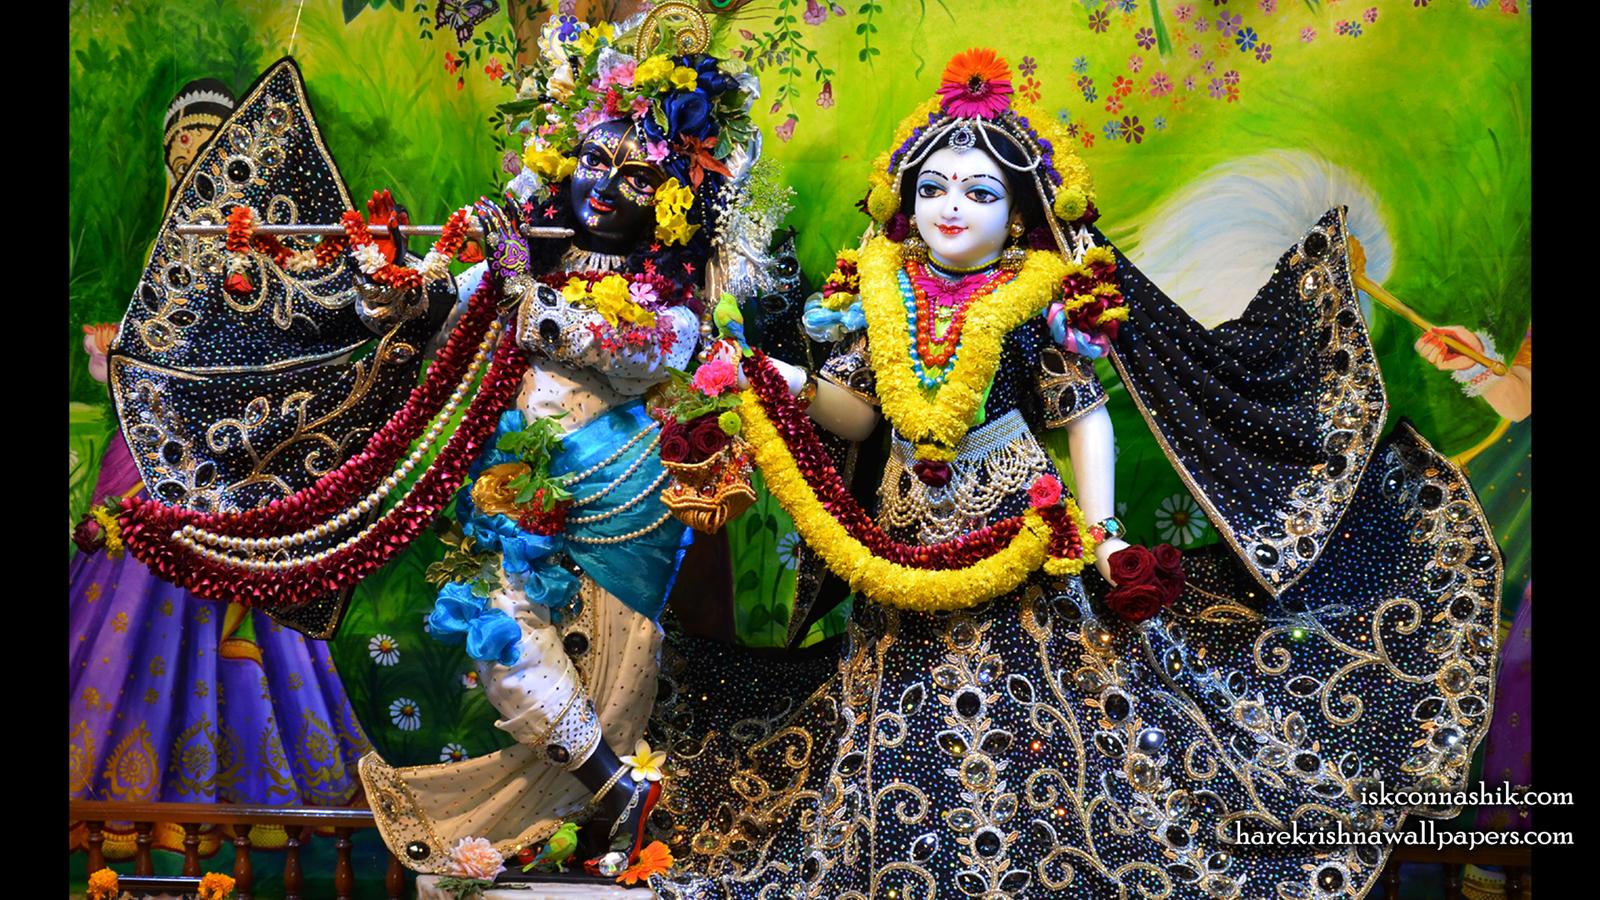 Sri Sri Radha Madan Gopal Wallpaper (019) Size 1600x900 Download